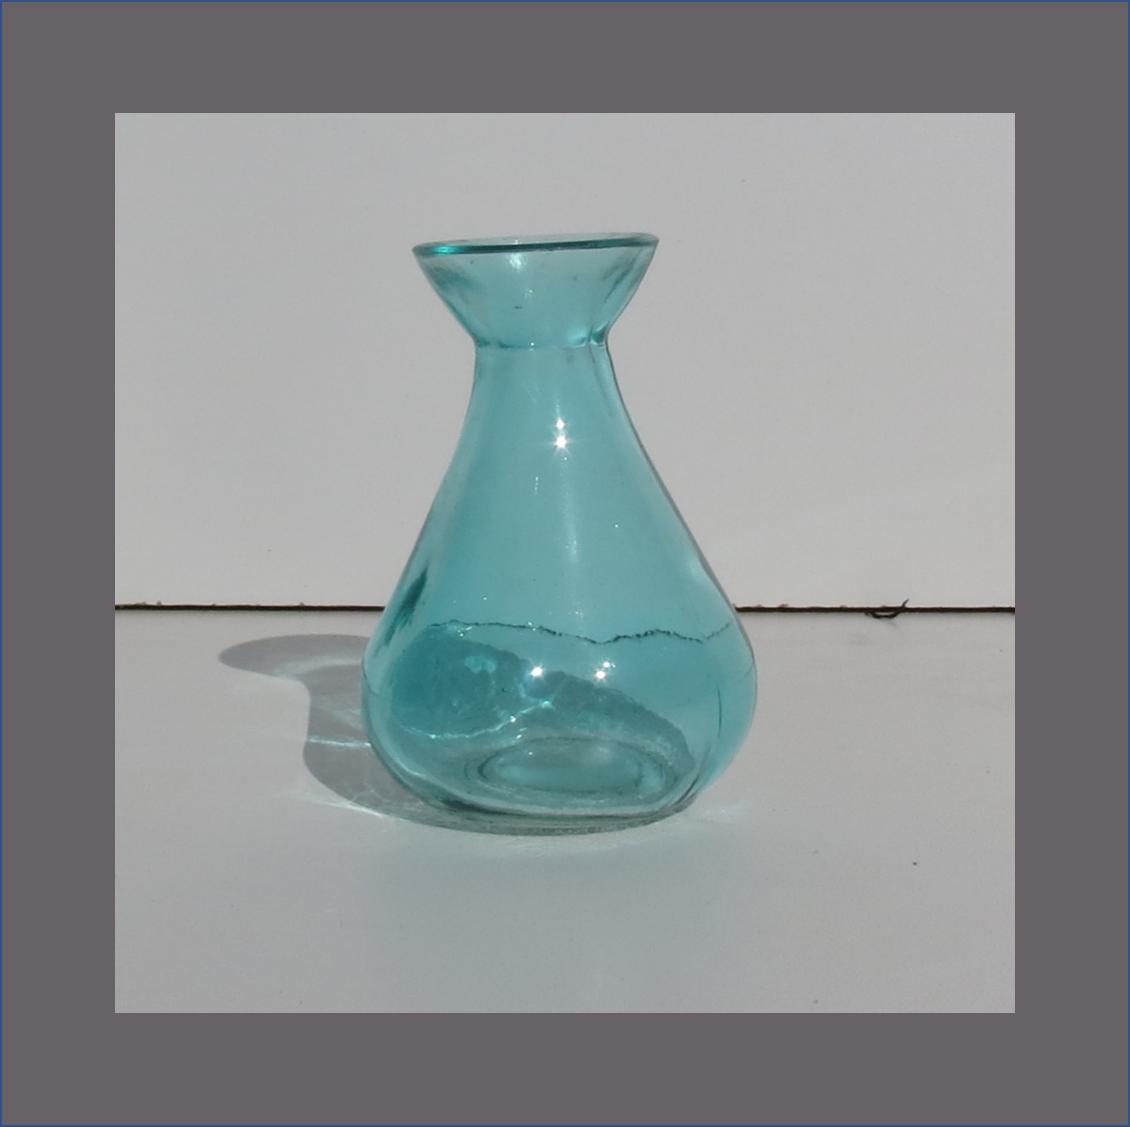 blue-tulip-vase-